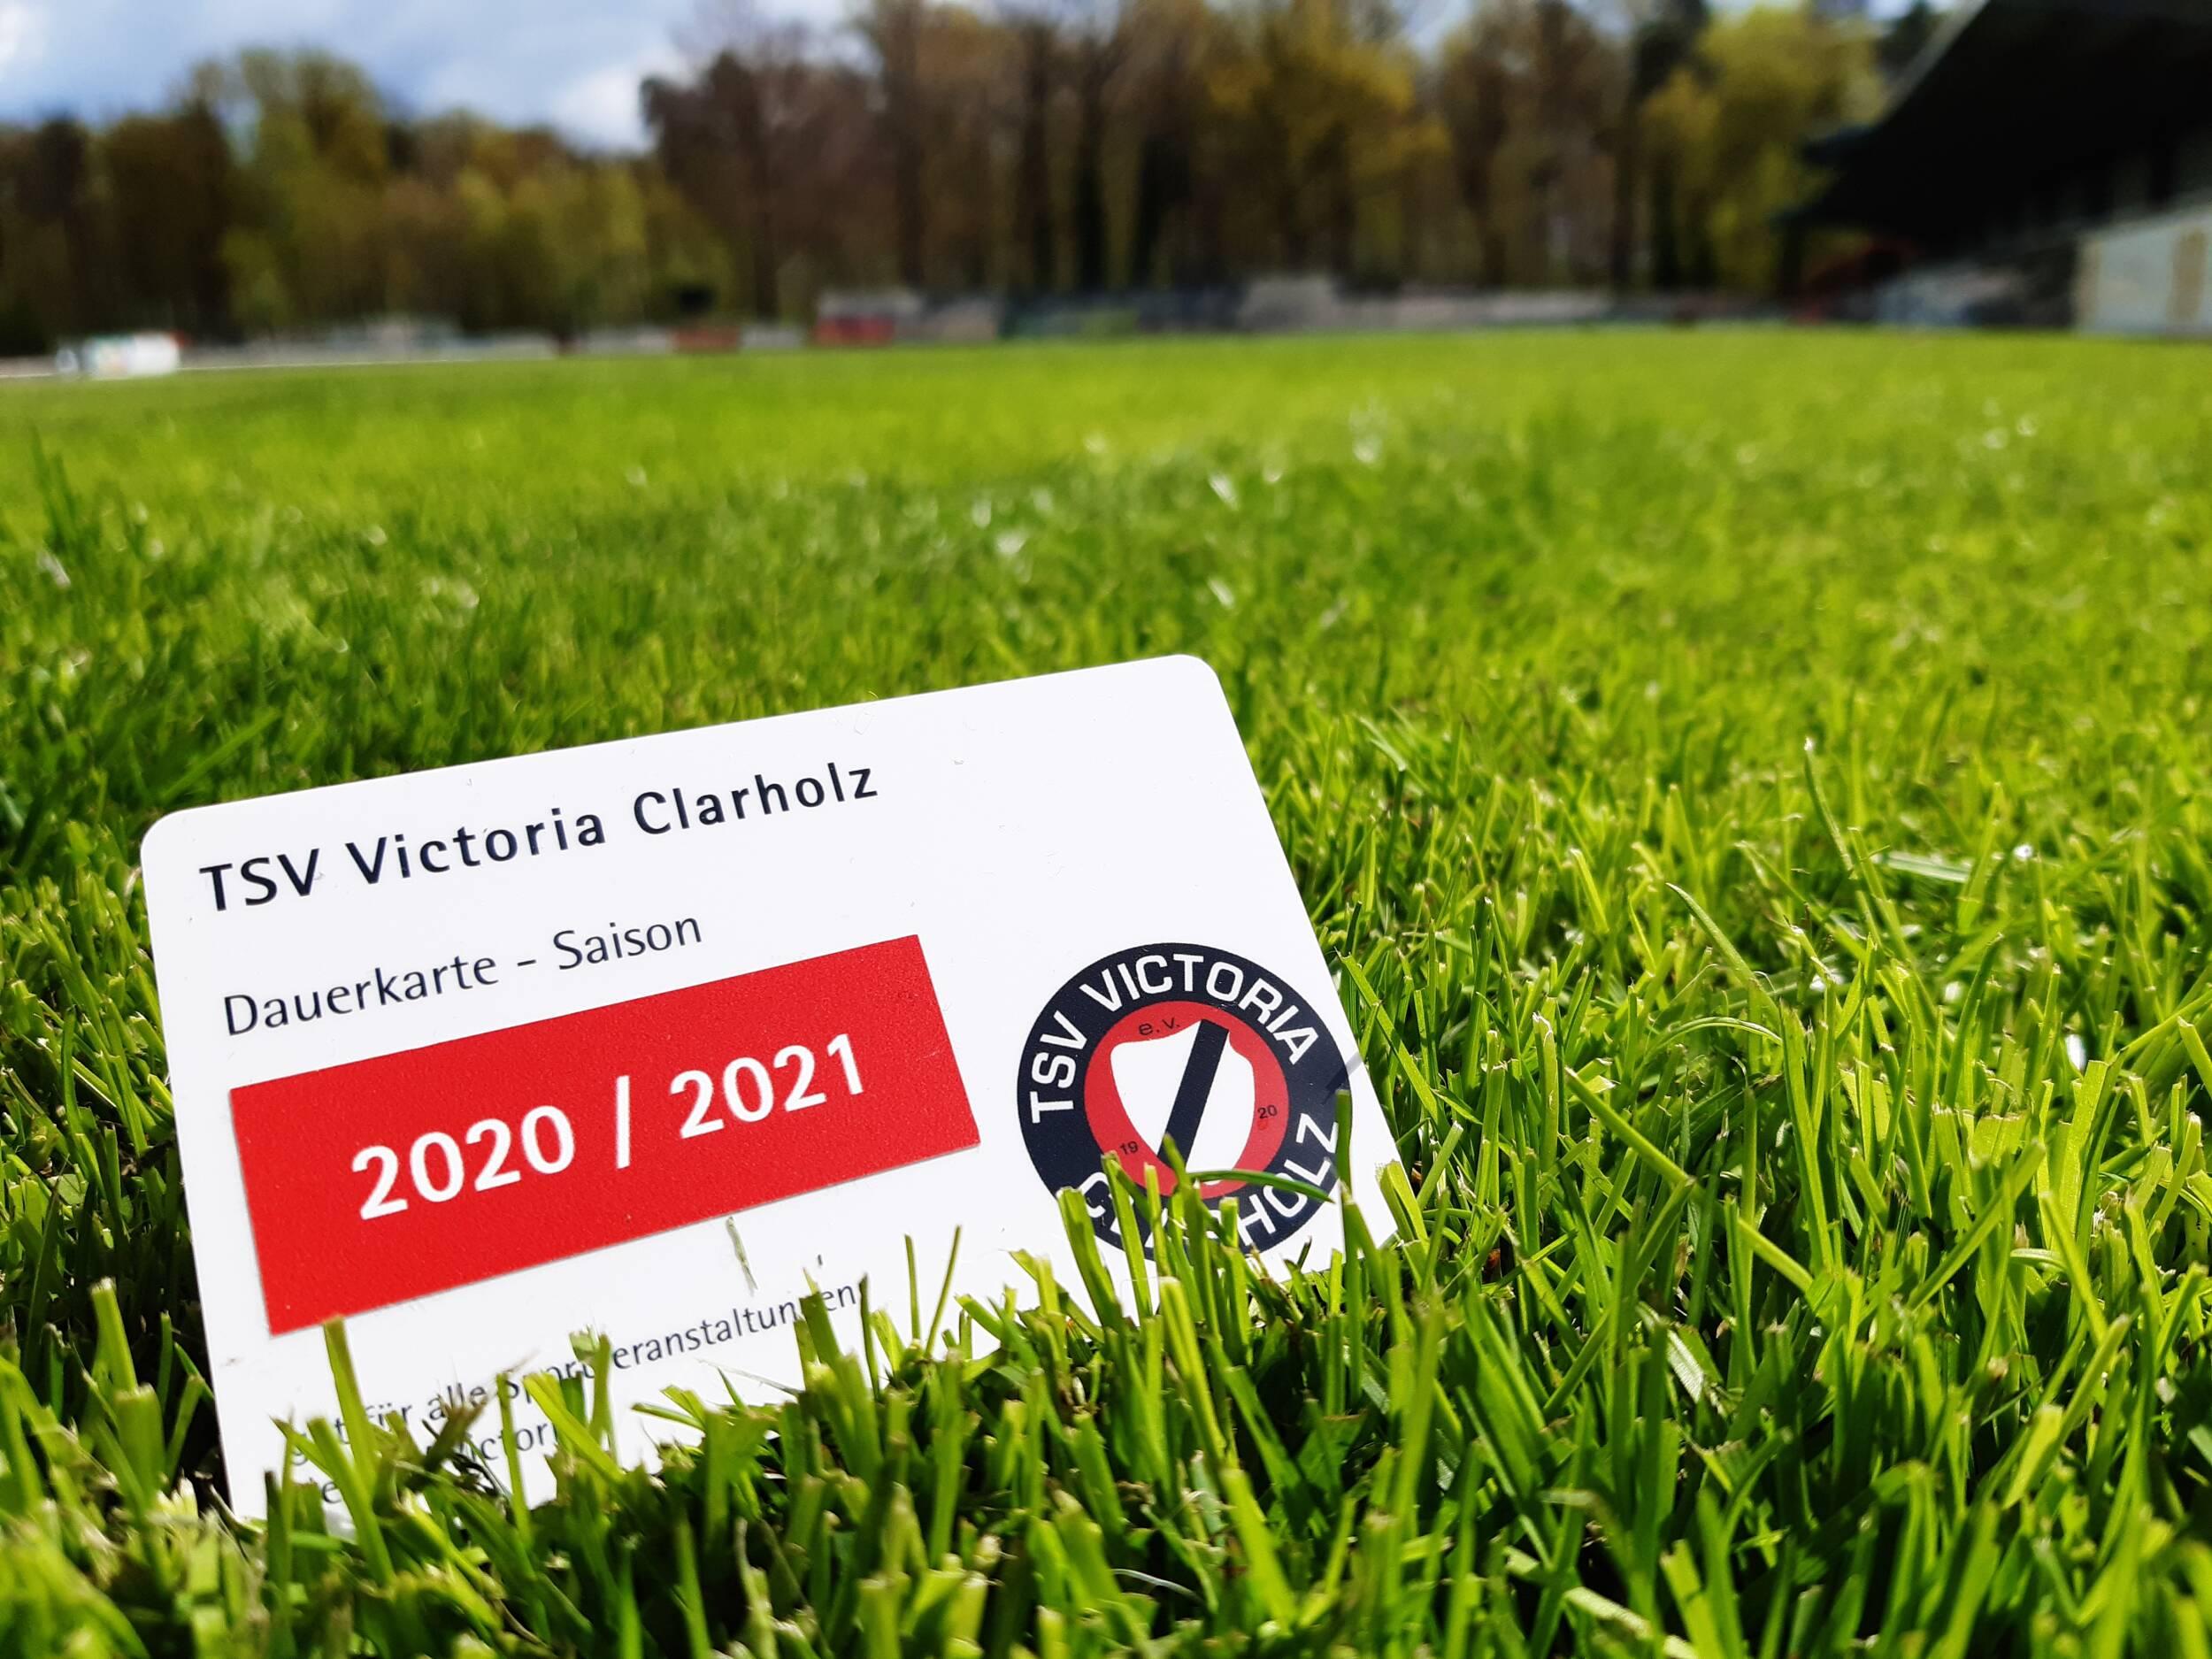 Fußball<br>Dauerkarten behalten Gültigkeit